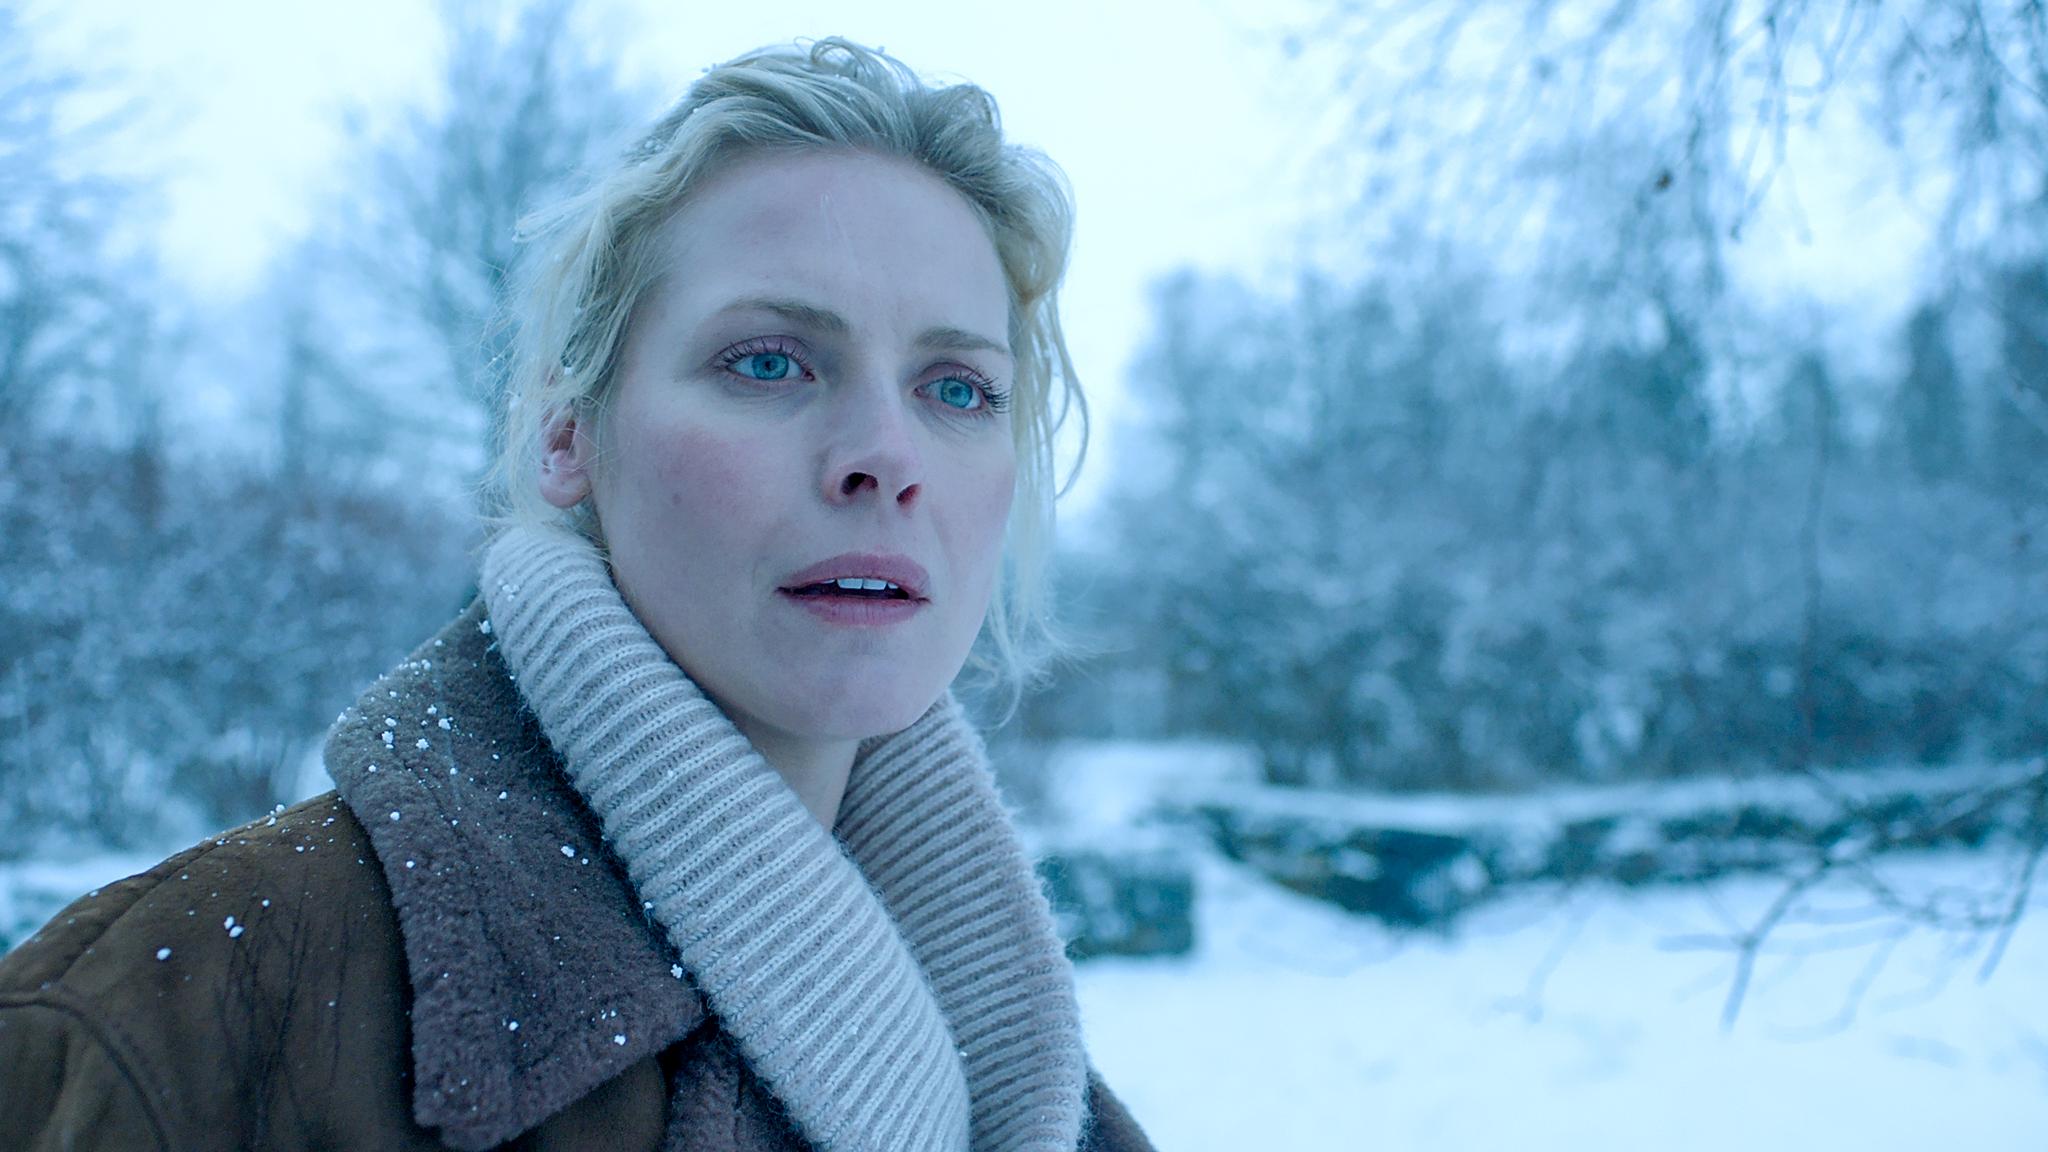 Synnøve Macody Lund levendegjør en sterk kvinneskikkelse som tør å gå inn i fortidens vonde opplevelser.